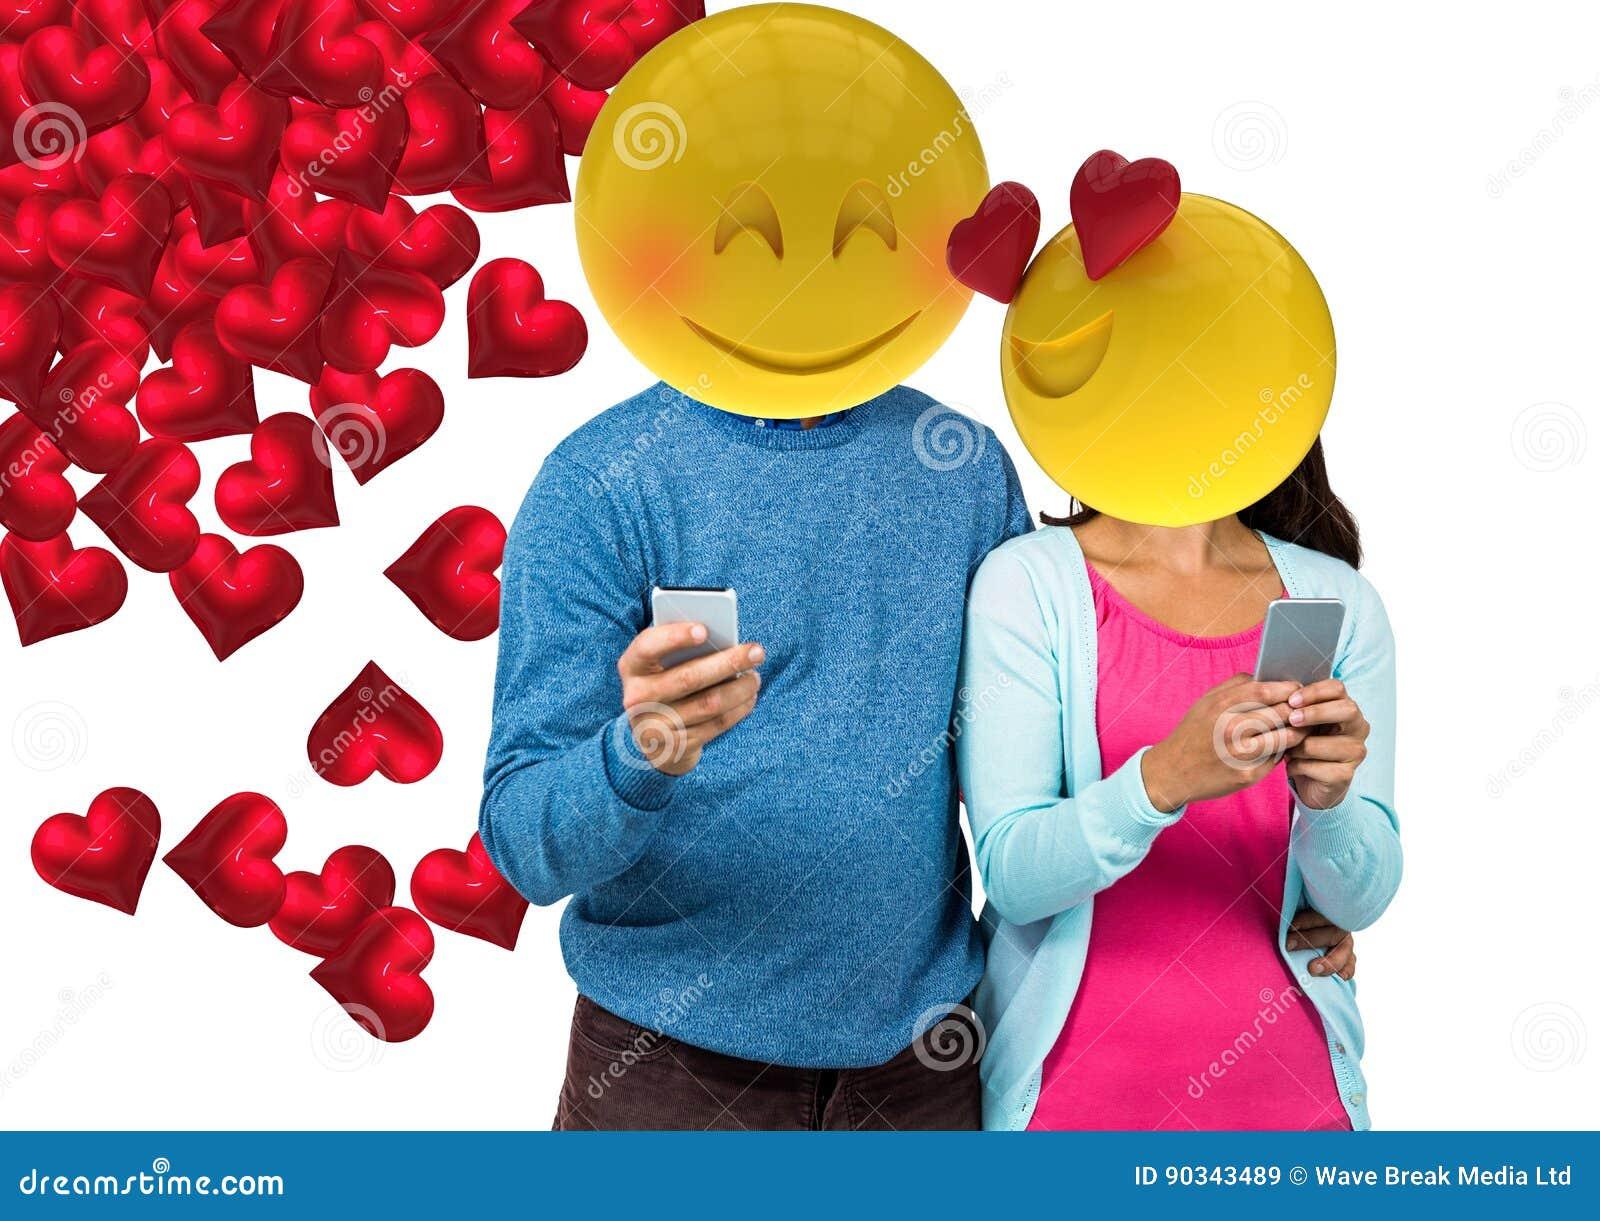 Paargefühl in der Liebe Emoji stellen gegenüber